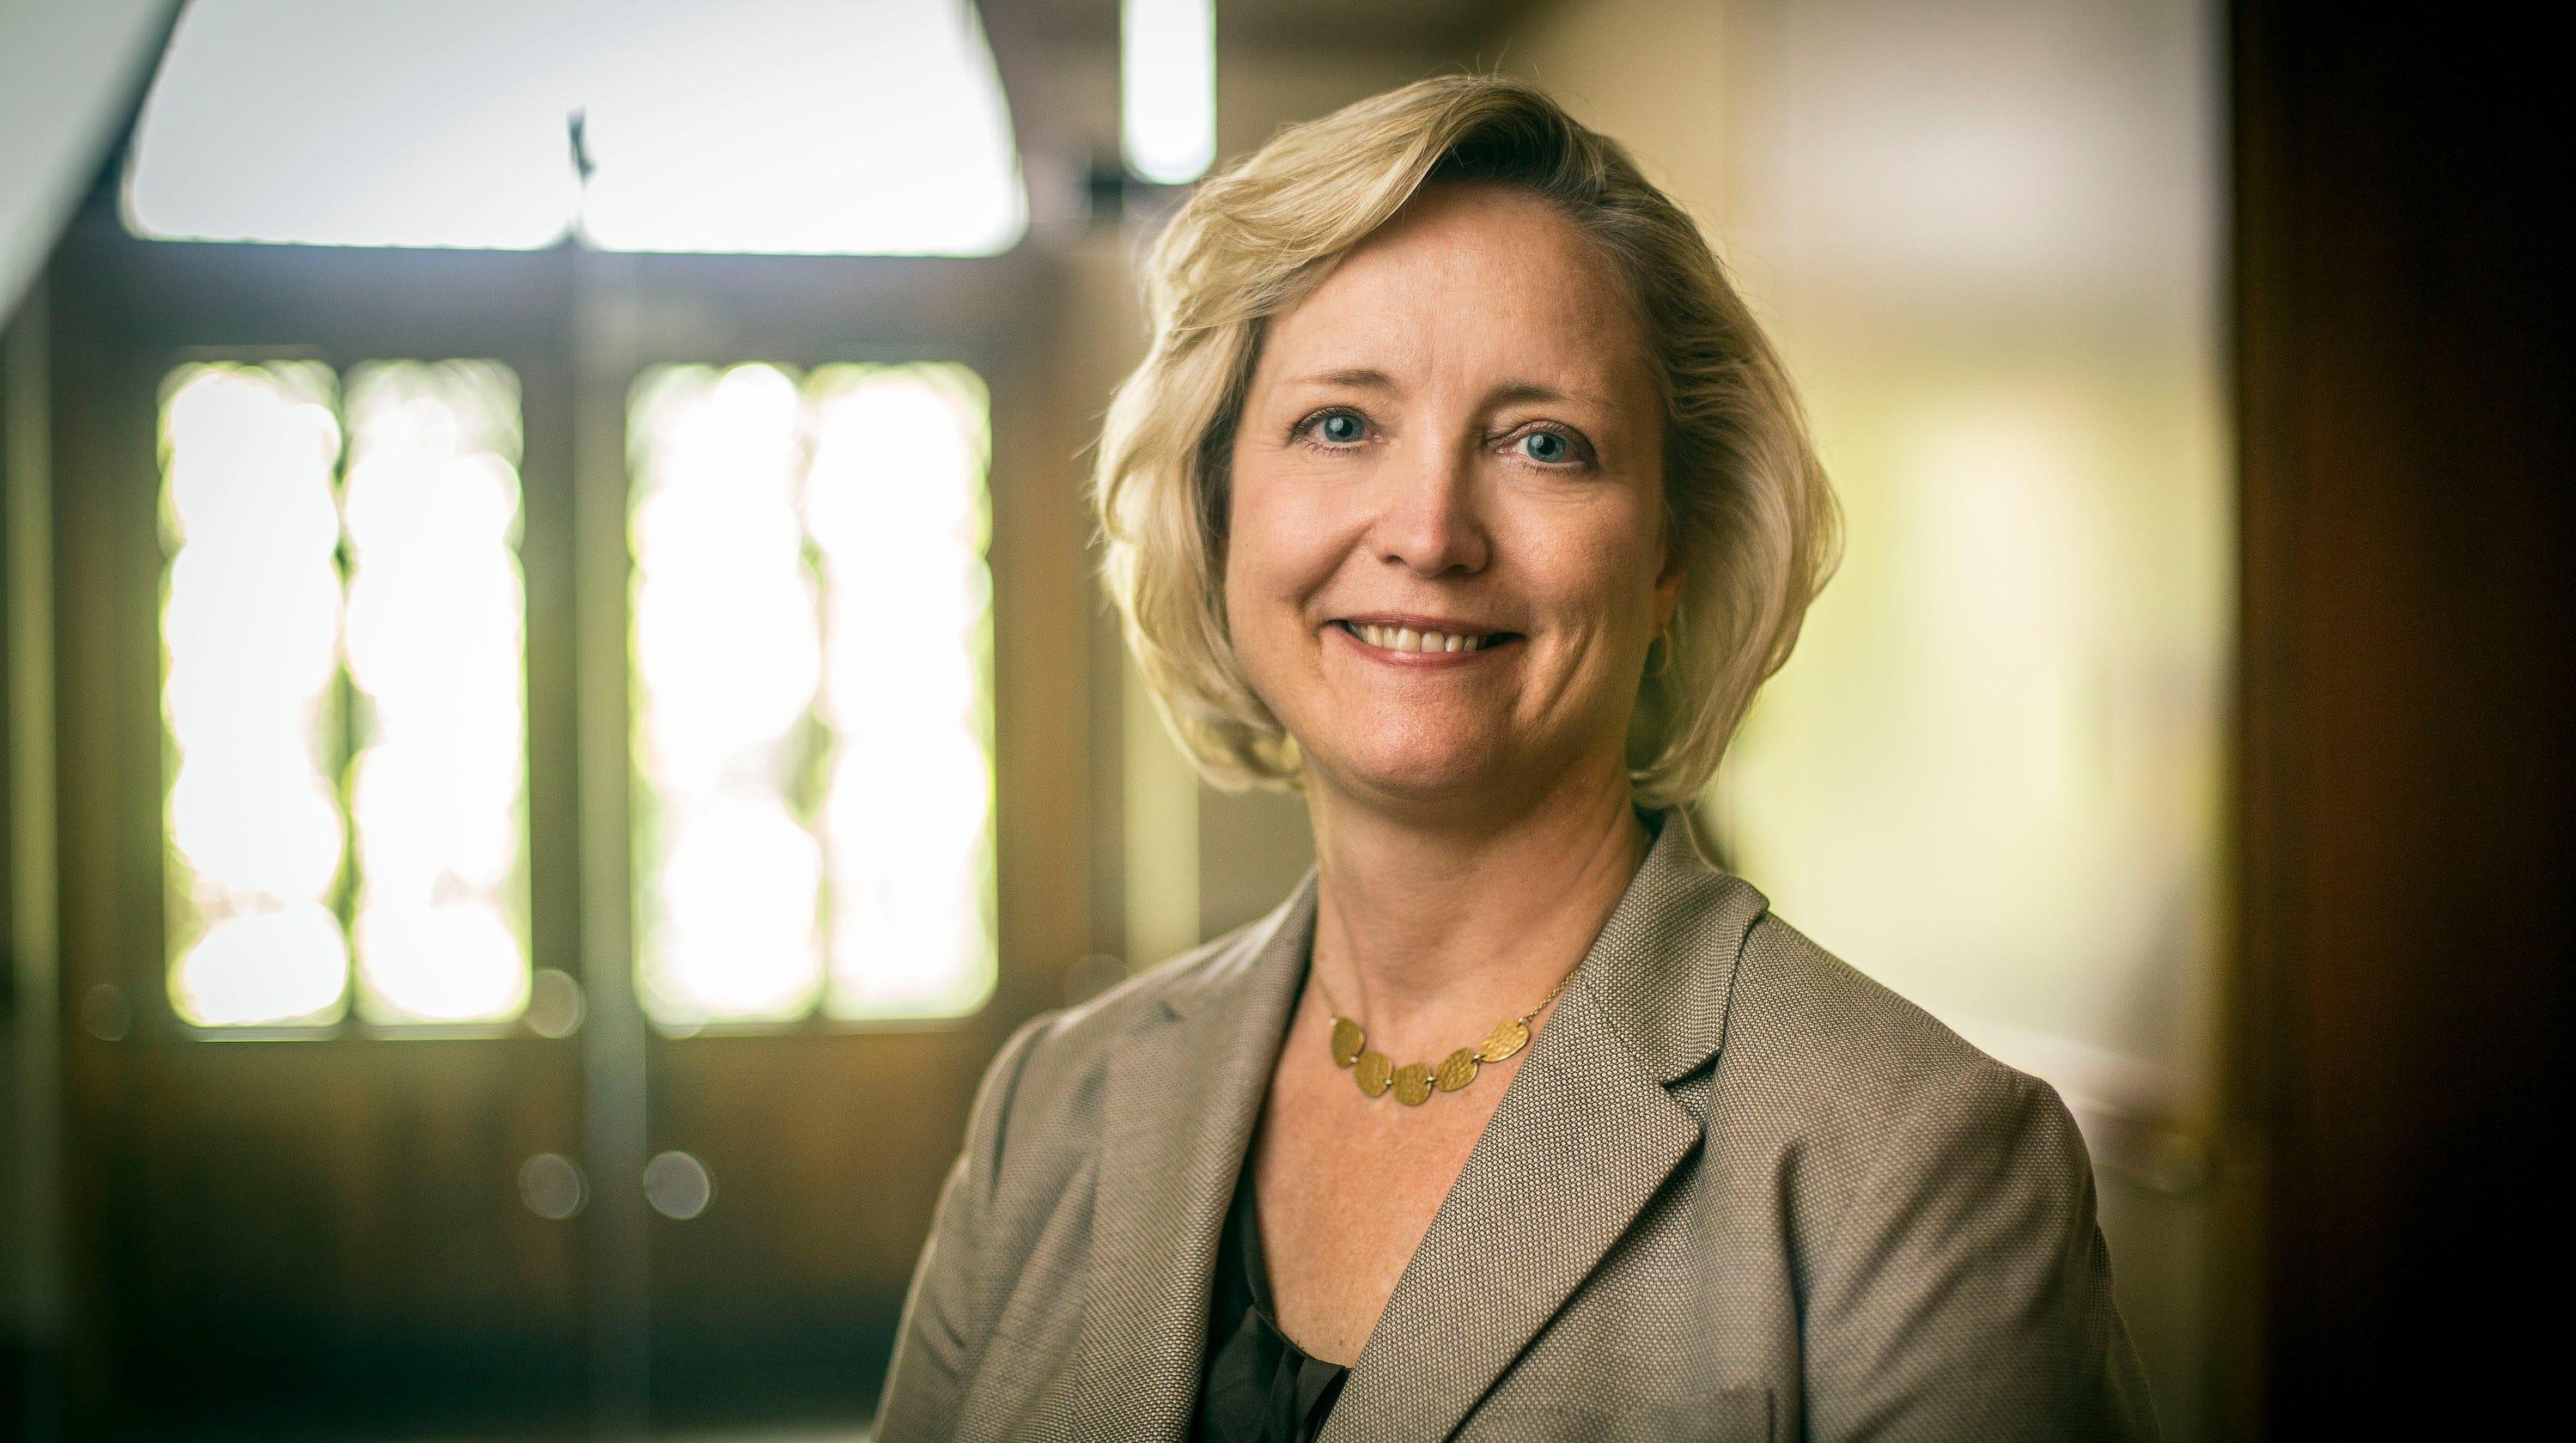 Vanderbilt University Launches Frist >> Vanderbilt S Susan Wente To Lead As Interim Chancellor After